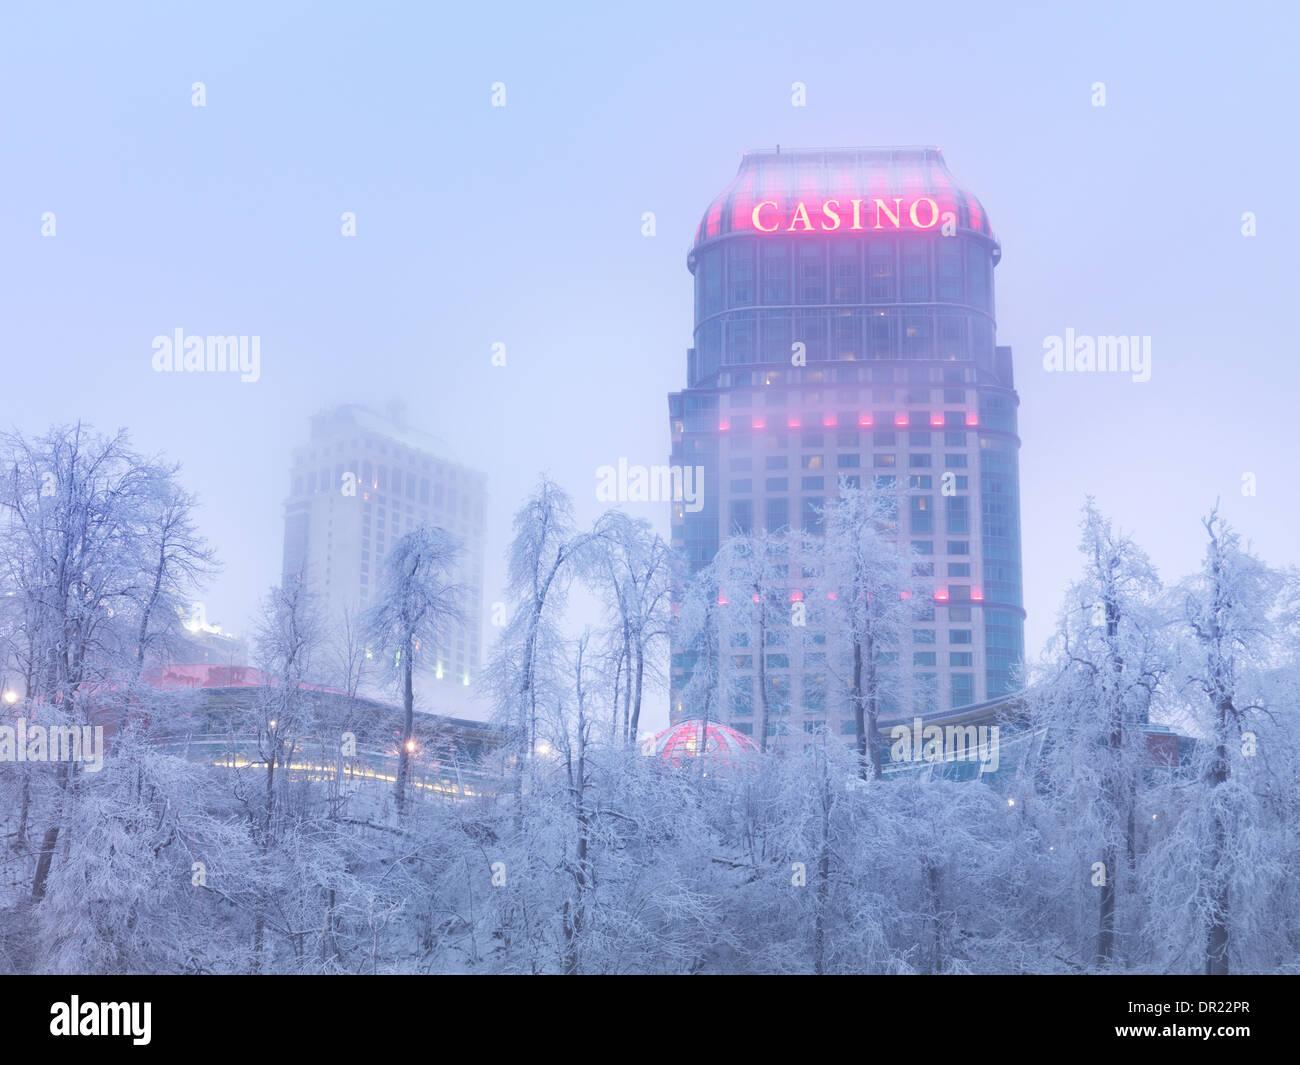 Winter-Landschaft der Fallsview Casino, Niagara Falls, Ontario, Kanada. Stockbild